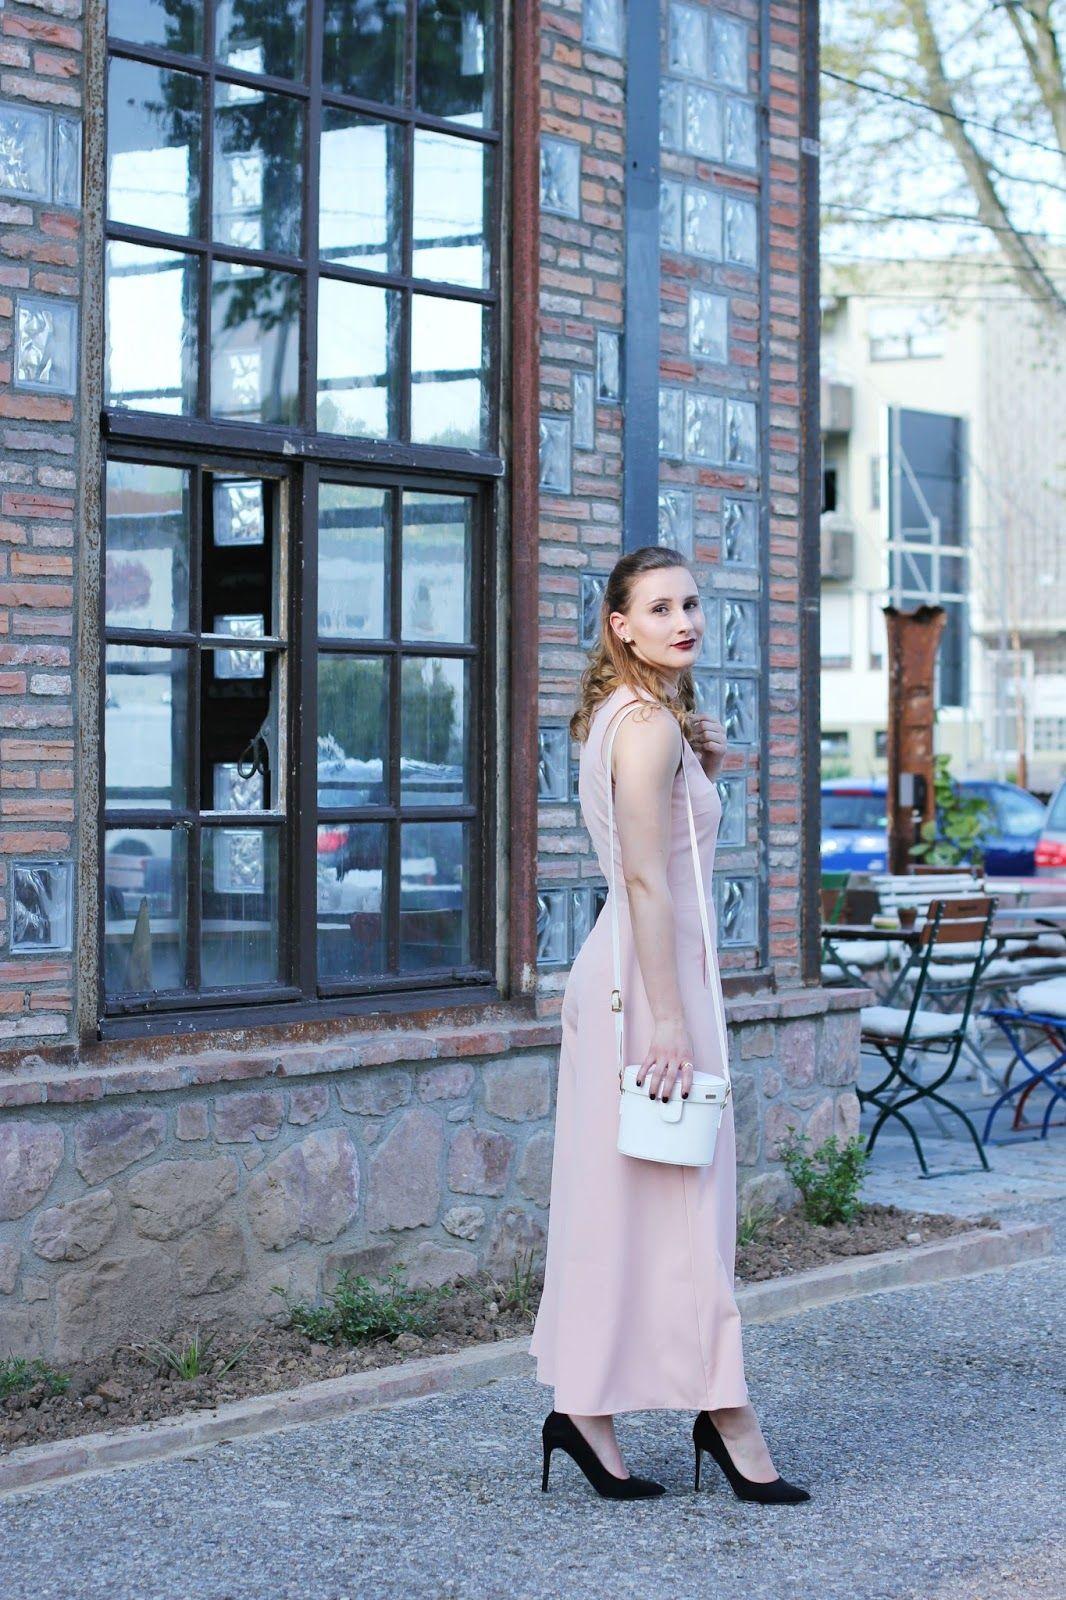 Das Richtige Outfit Fur Eine Hochzeit Outfit Was Ziehe Ich An Und Asos